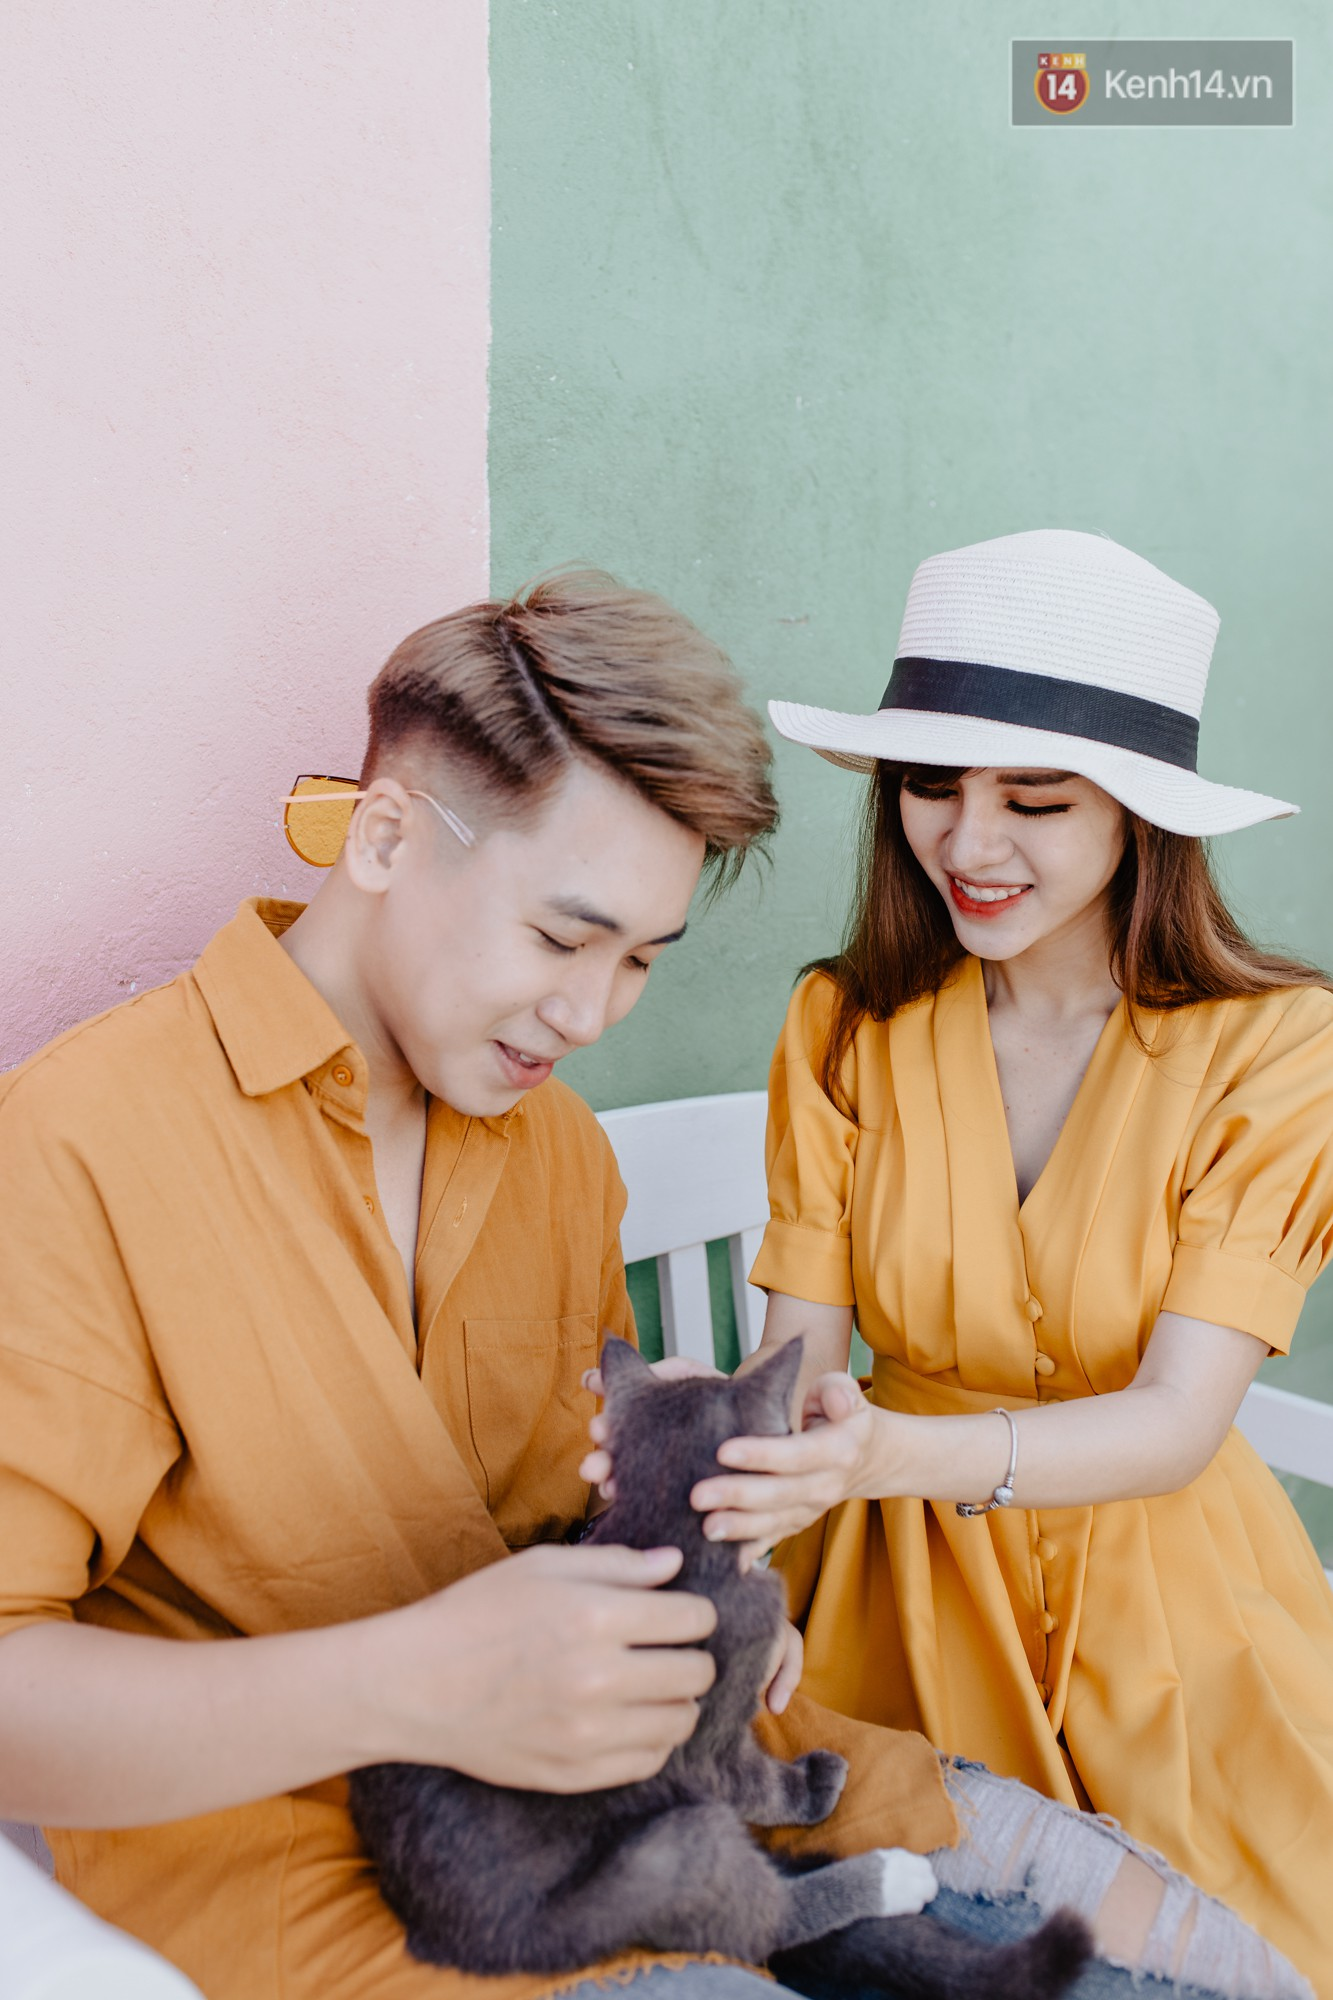 Huy Cung sau khi kết hôn: Đàn ông nên sợ vợ thì mới hạnh phúc được - Ảnh 1.